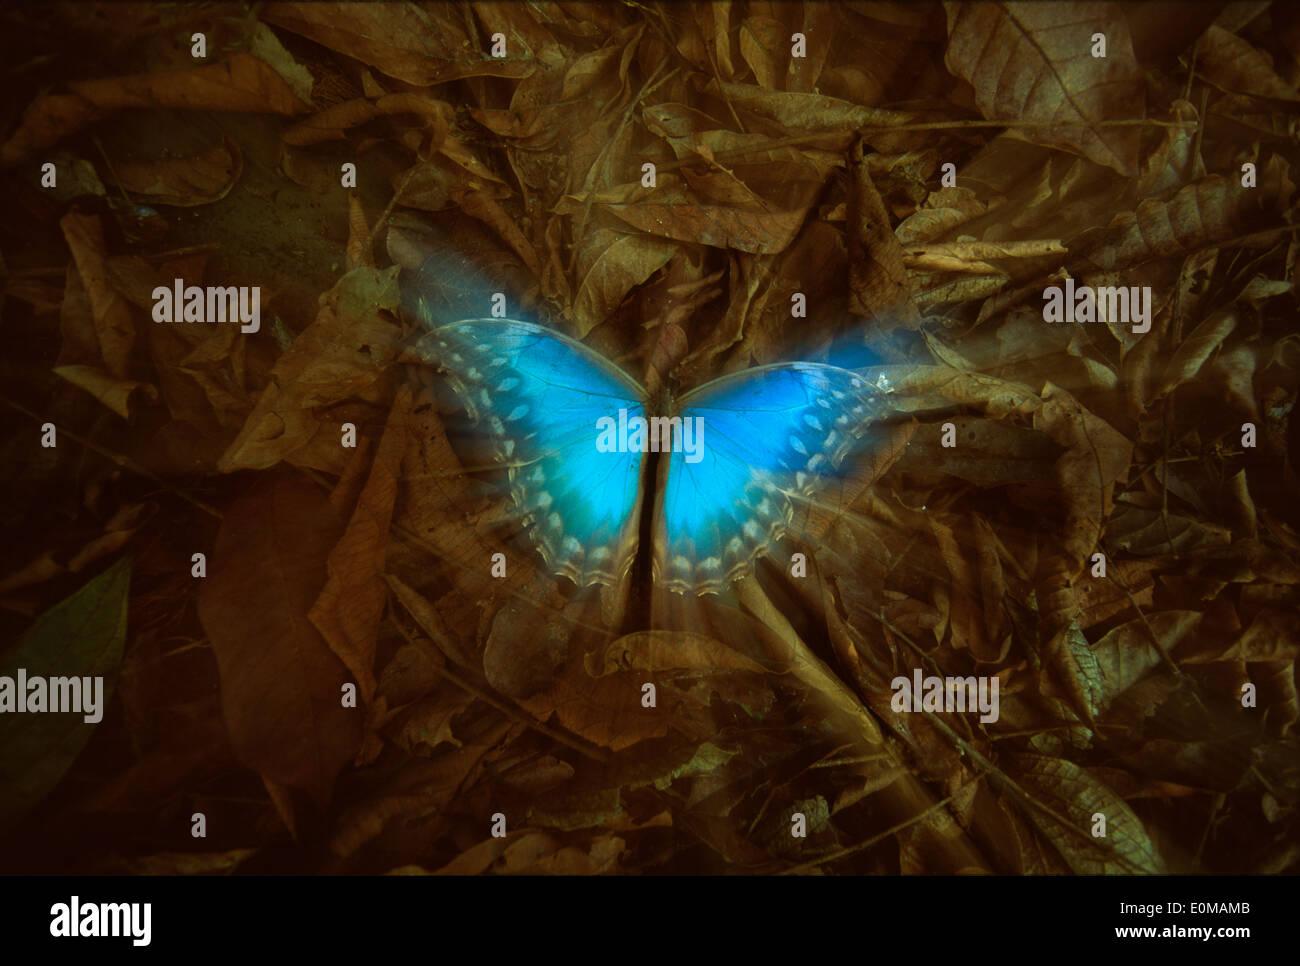 Mort d'un papillon Morpho Bleu se trouve sur les feuilles marron amonst sol forestier, parc national de Corcovado, Costa Rica (Morpho peleides) Photo Stock